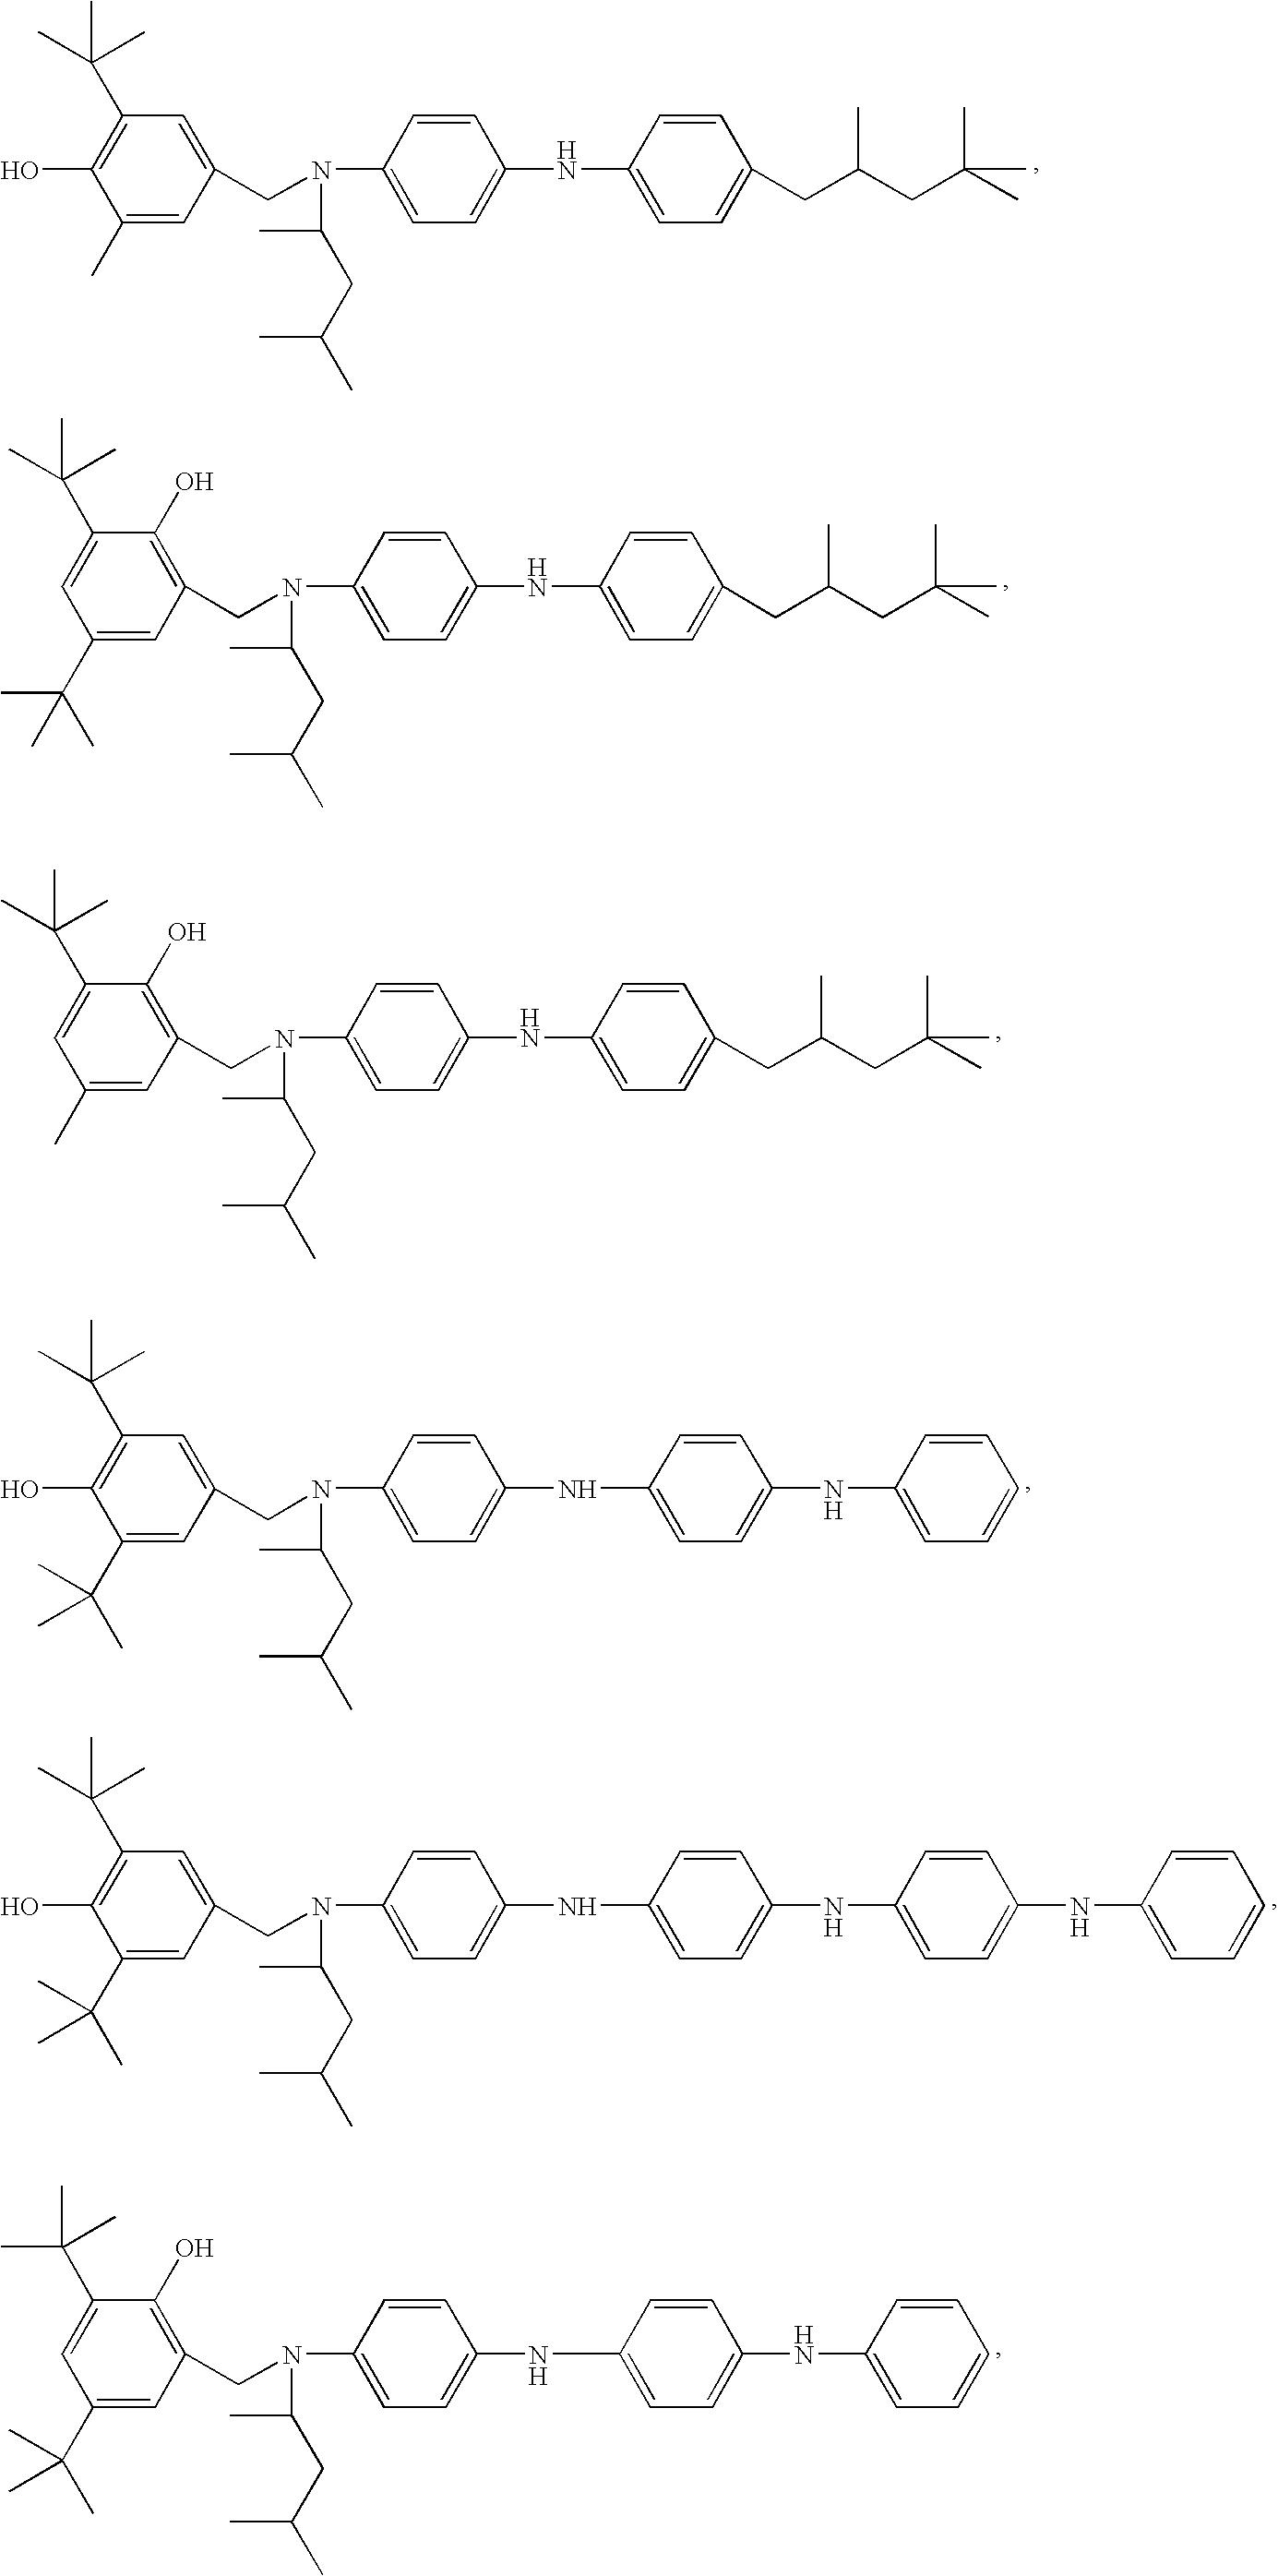 Figure US07705075-20100427-C00064